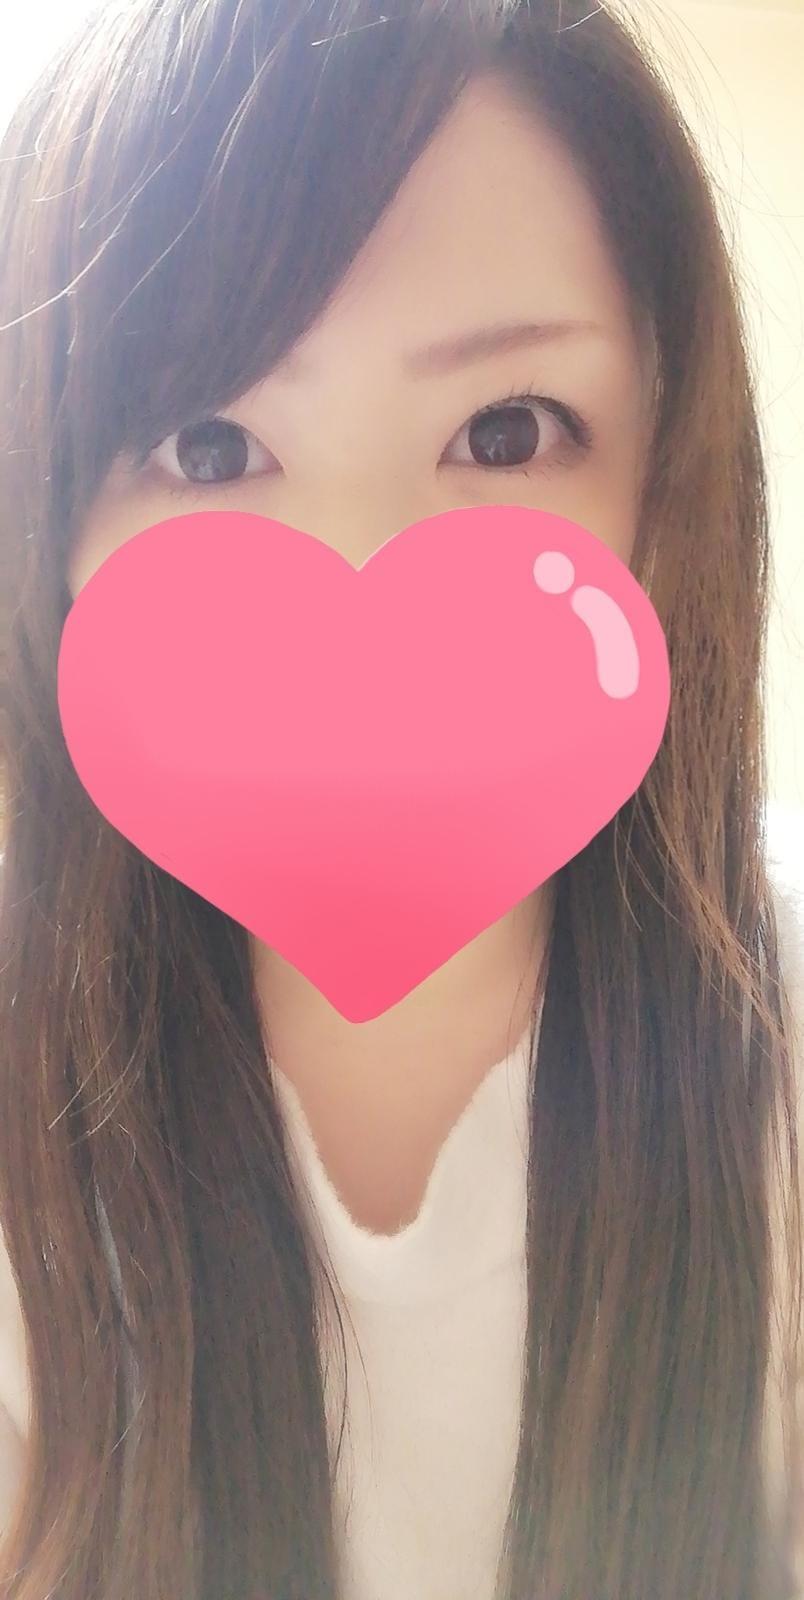 「おはようございます♥️」12/17(12/17) 09:54 | ふうかの写メ・風俗動画